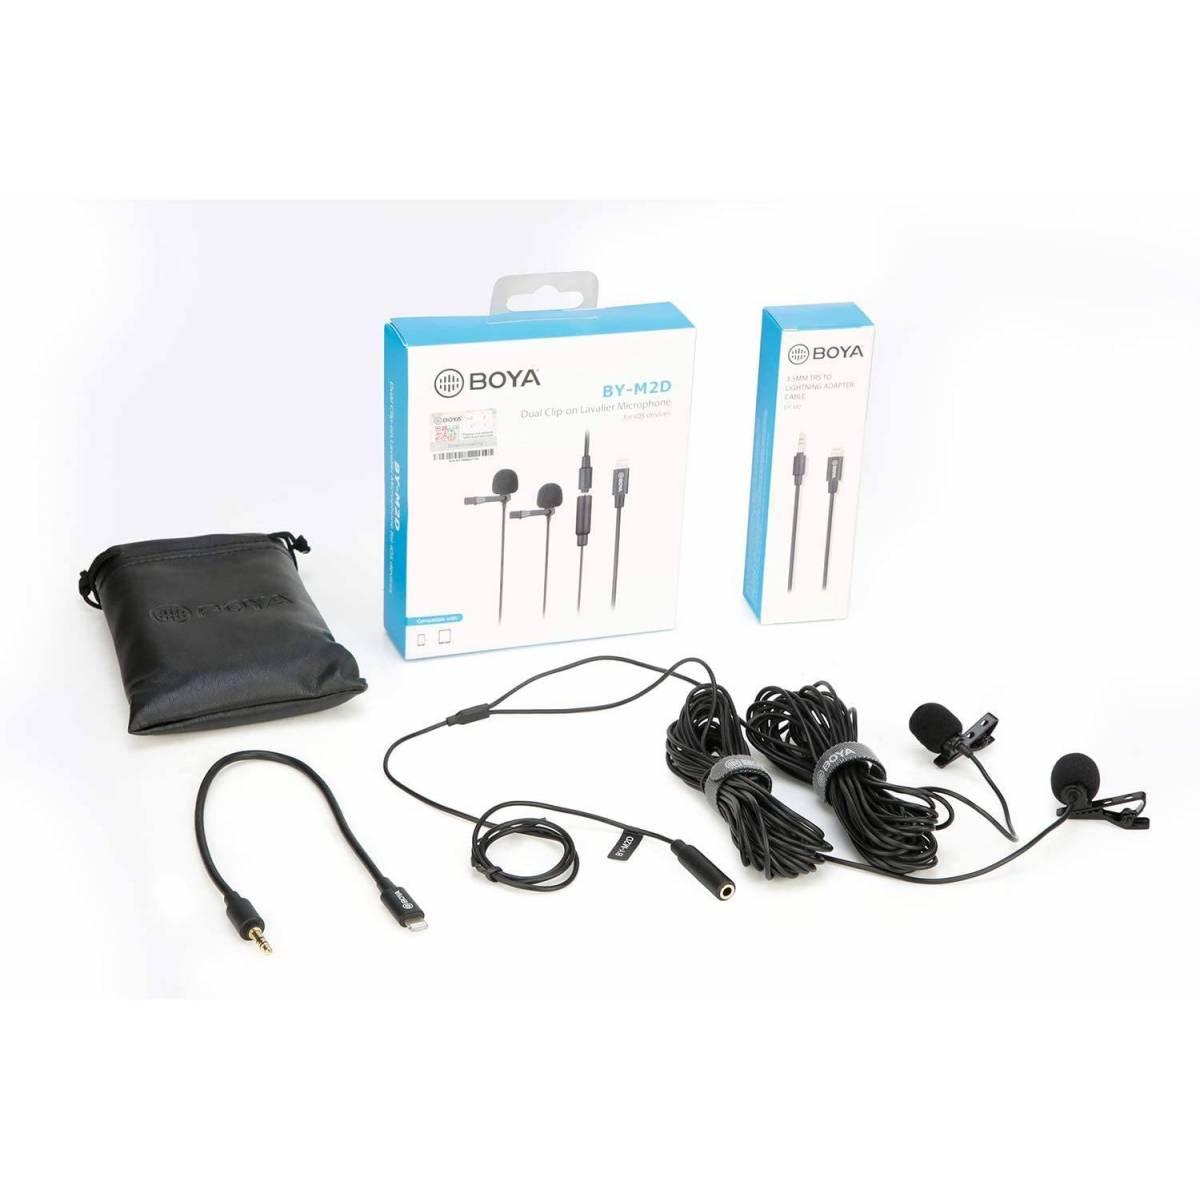 Klips mikrofon for iPad Pro og Mac med USB C fra BOYA